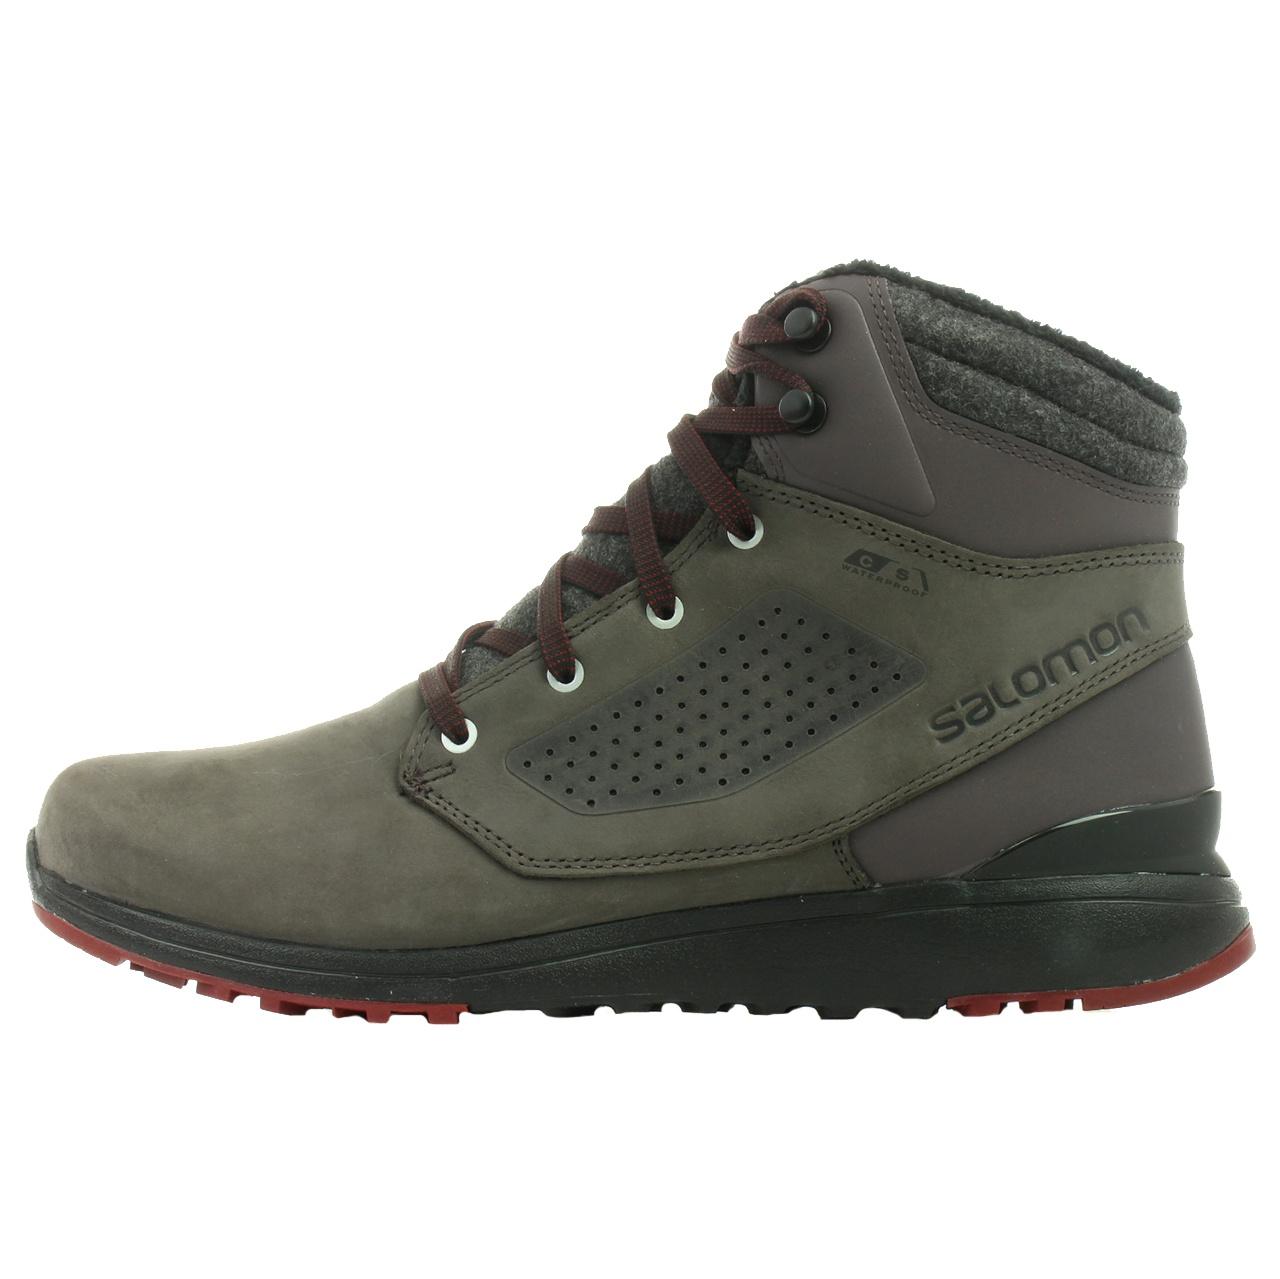 خرید                     کفش کوهنوردی مردانه سالومون مدل 407975 MIRACLE